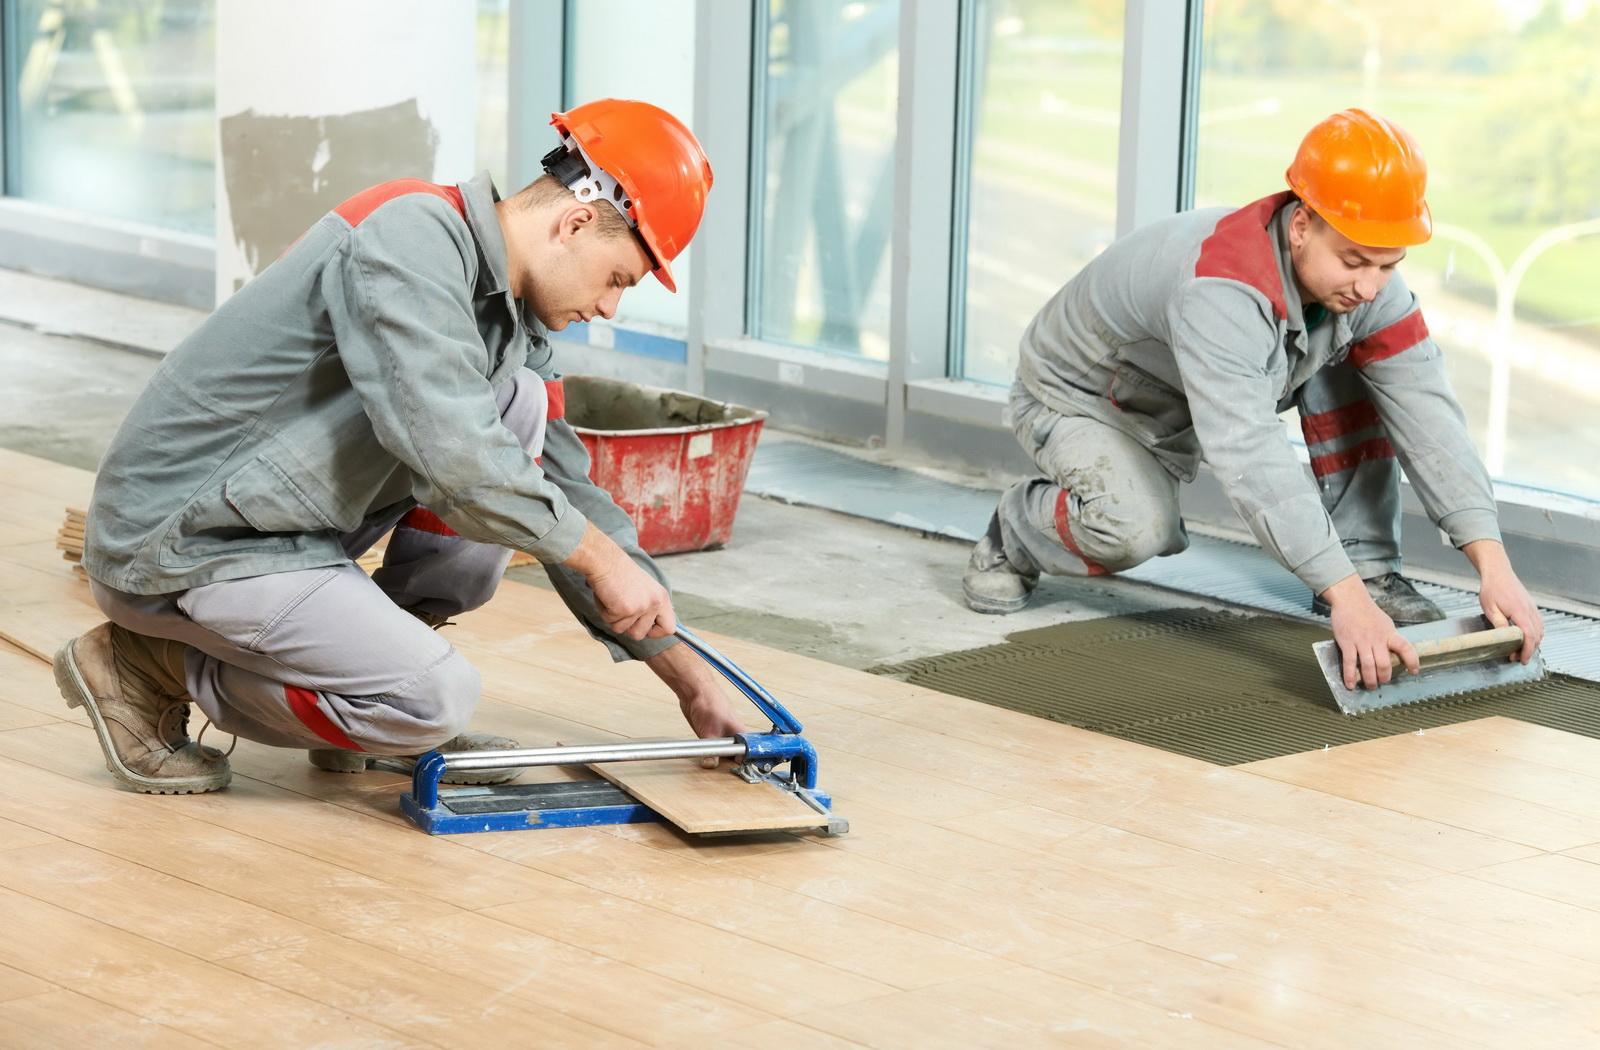 фото для строительства и ремонта плитки вразбежку, как